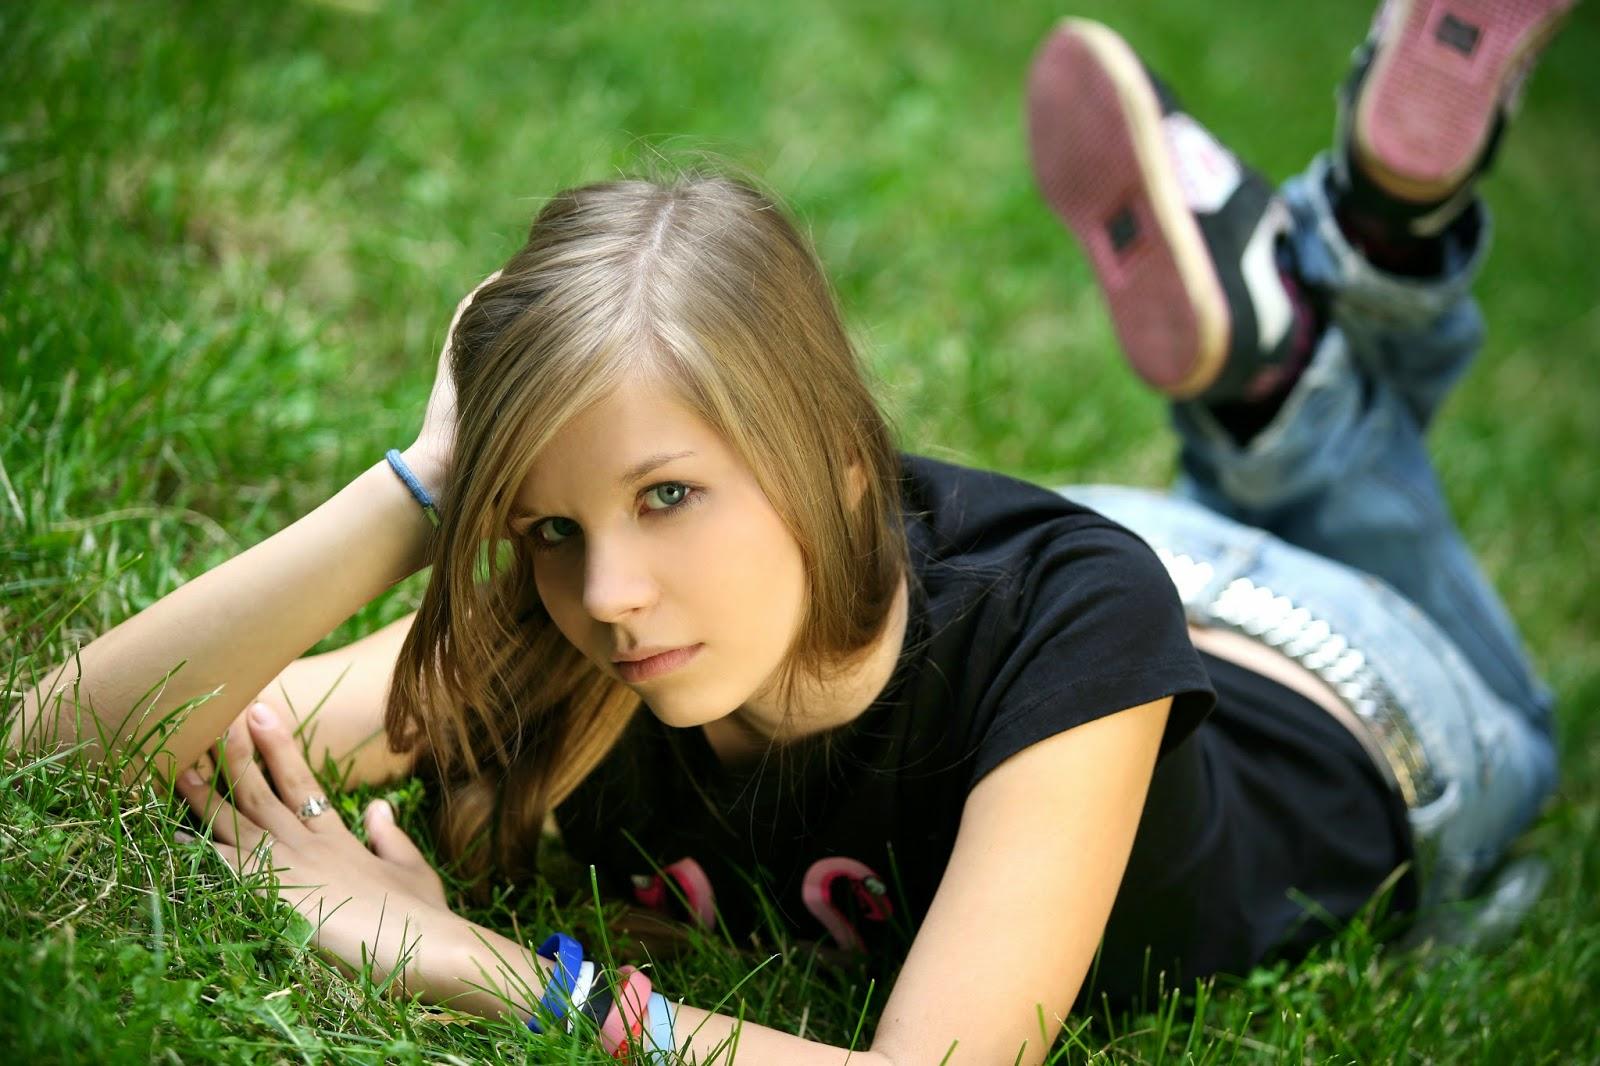 Частные порно фото девочка подросток 5 фотография